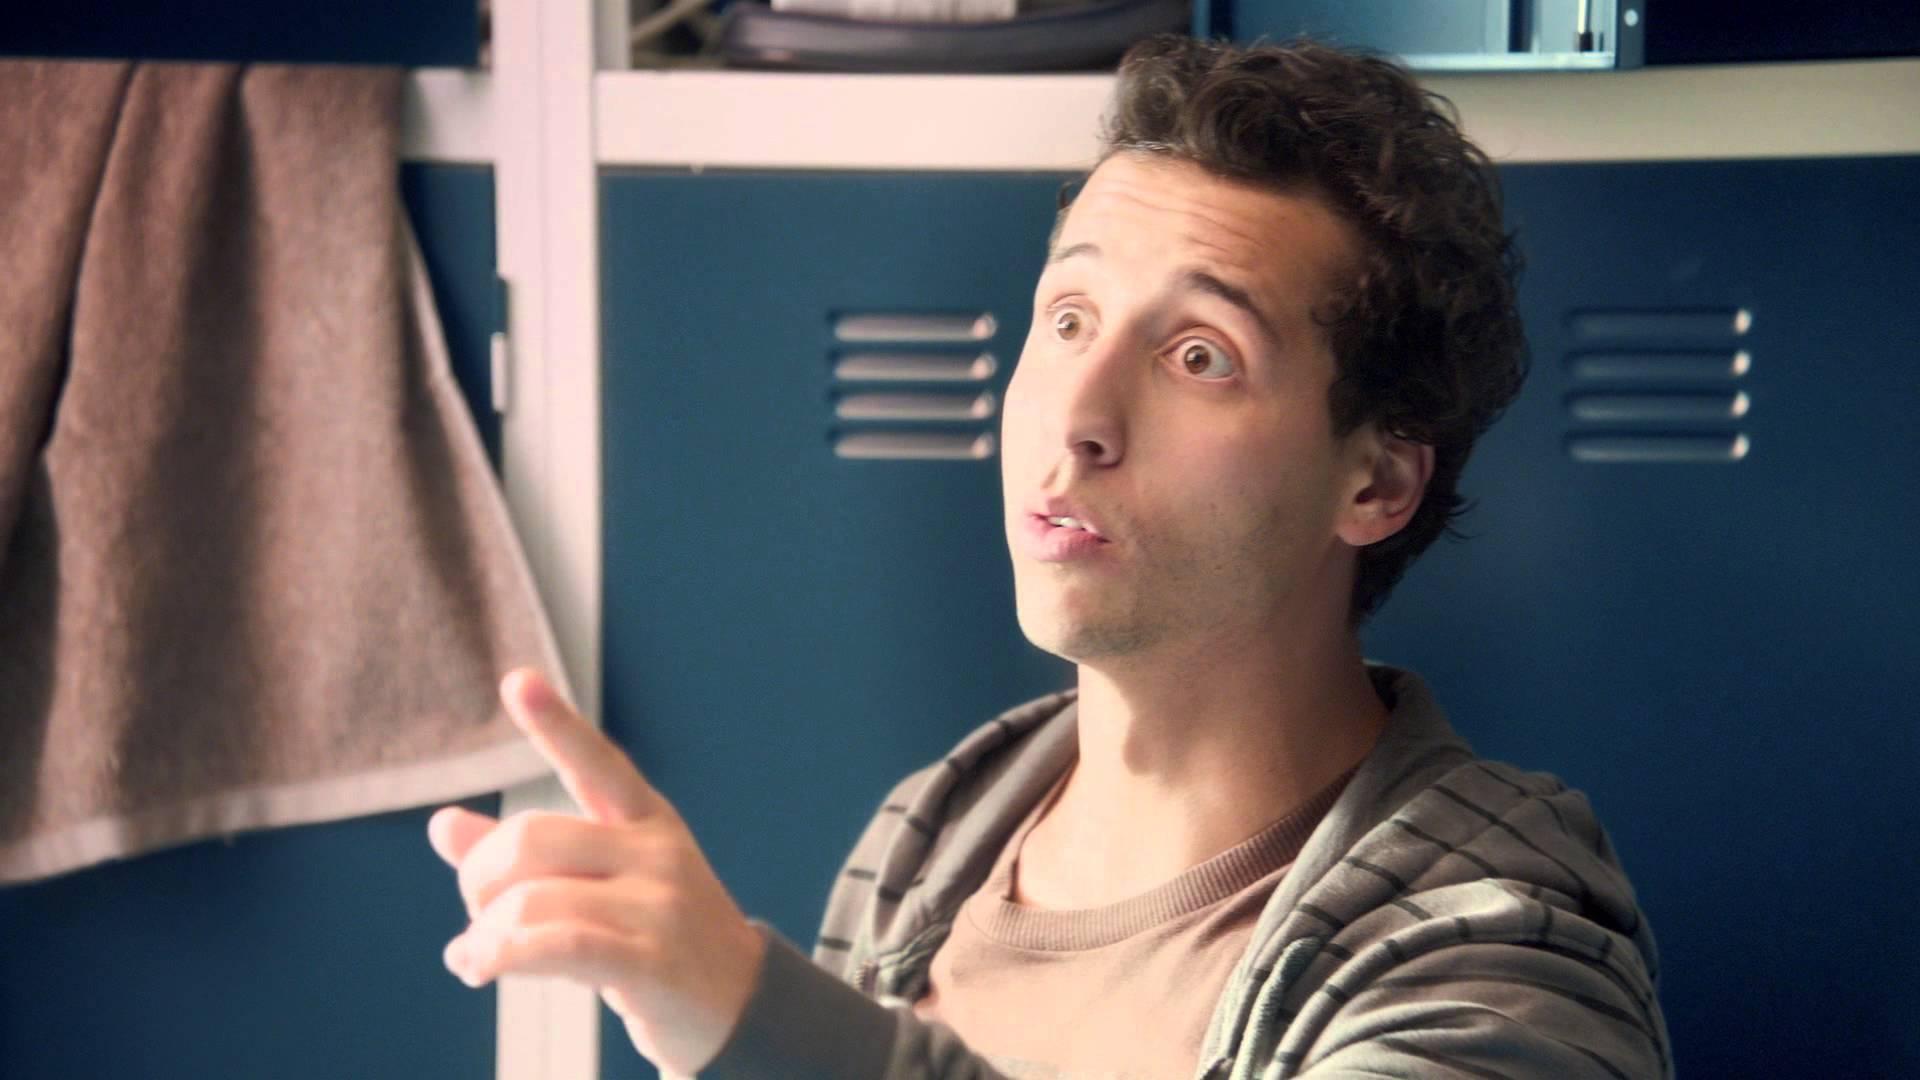 Felipe Fonseca no comercial do Snickers com Claudia Raia